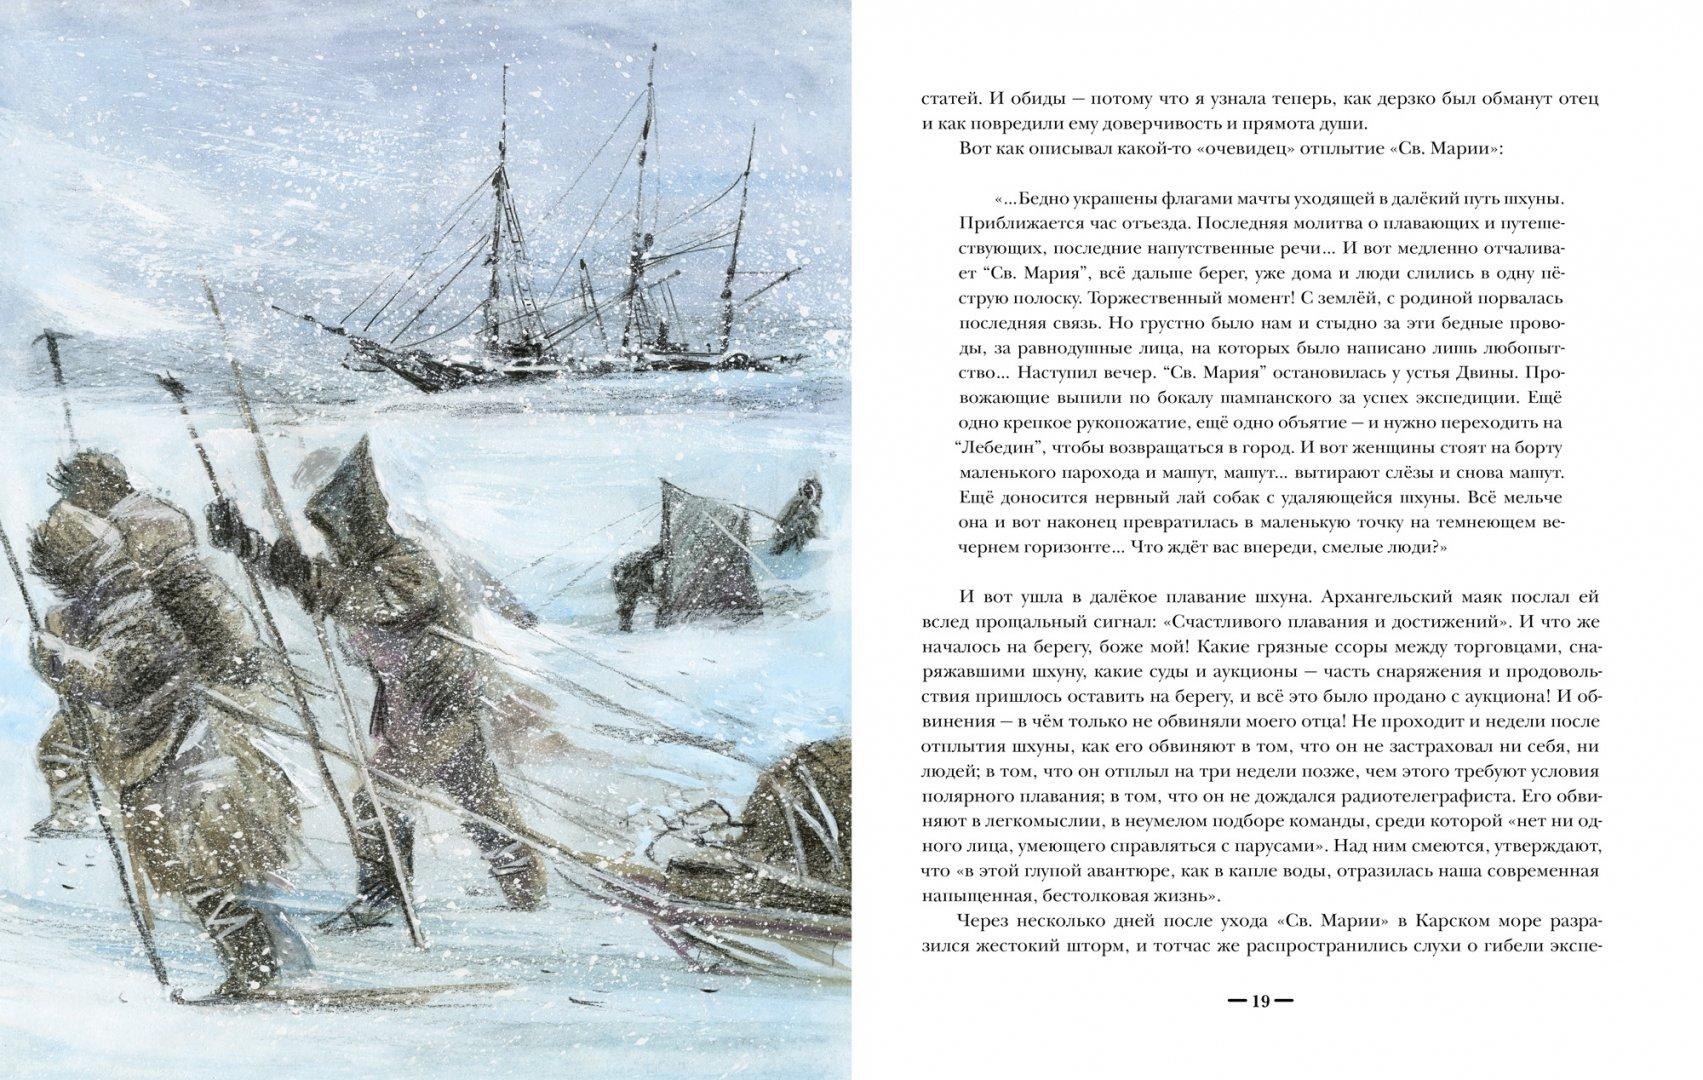 каверин два капитана картинки для читательского дневника какой-то момент поняла